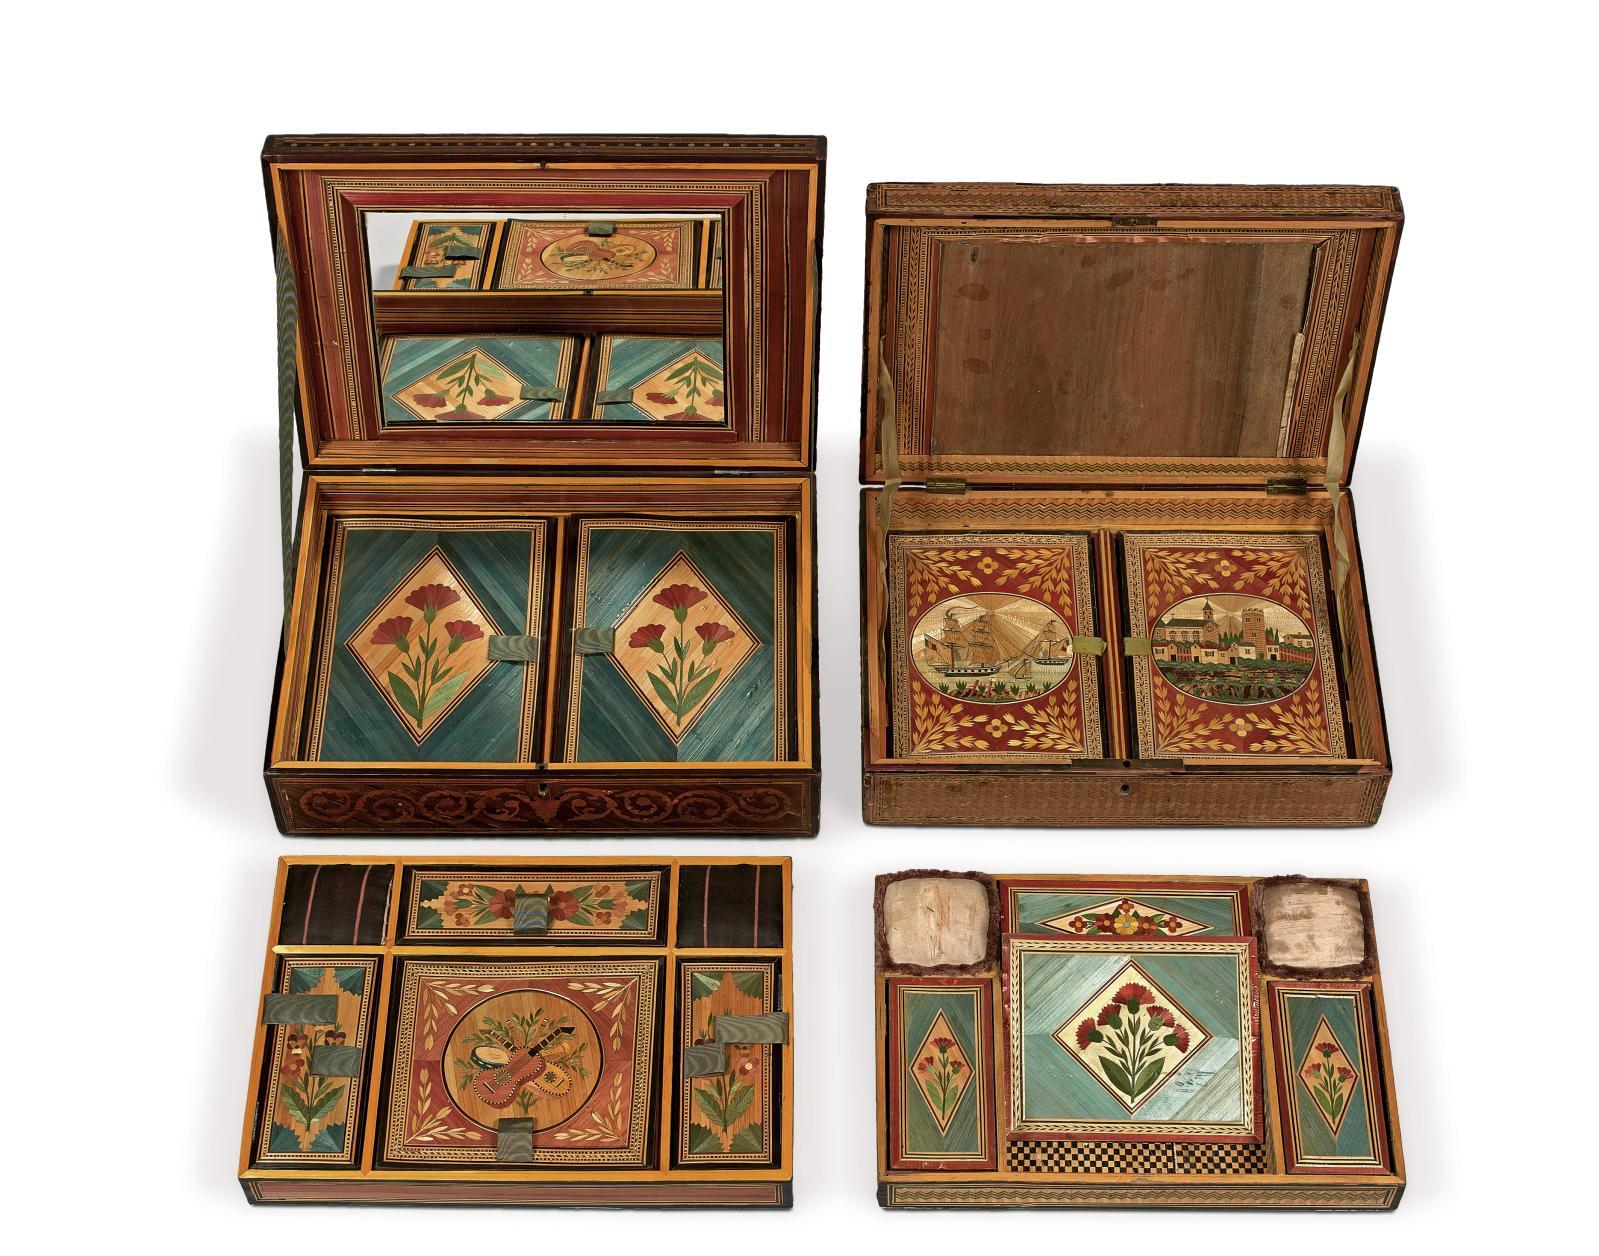 Deux coffrets en marqueterie de paille du début du XIXesiècle, ornés notamment pour l'un de trophées de musique (lot n° 55 du catalogue), pour l'autr